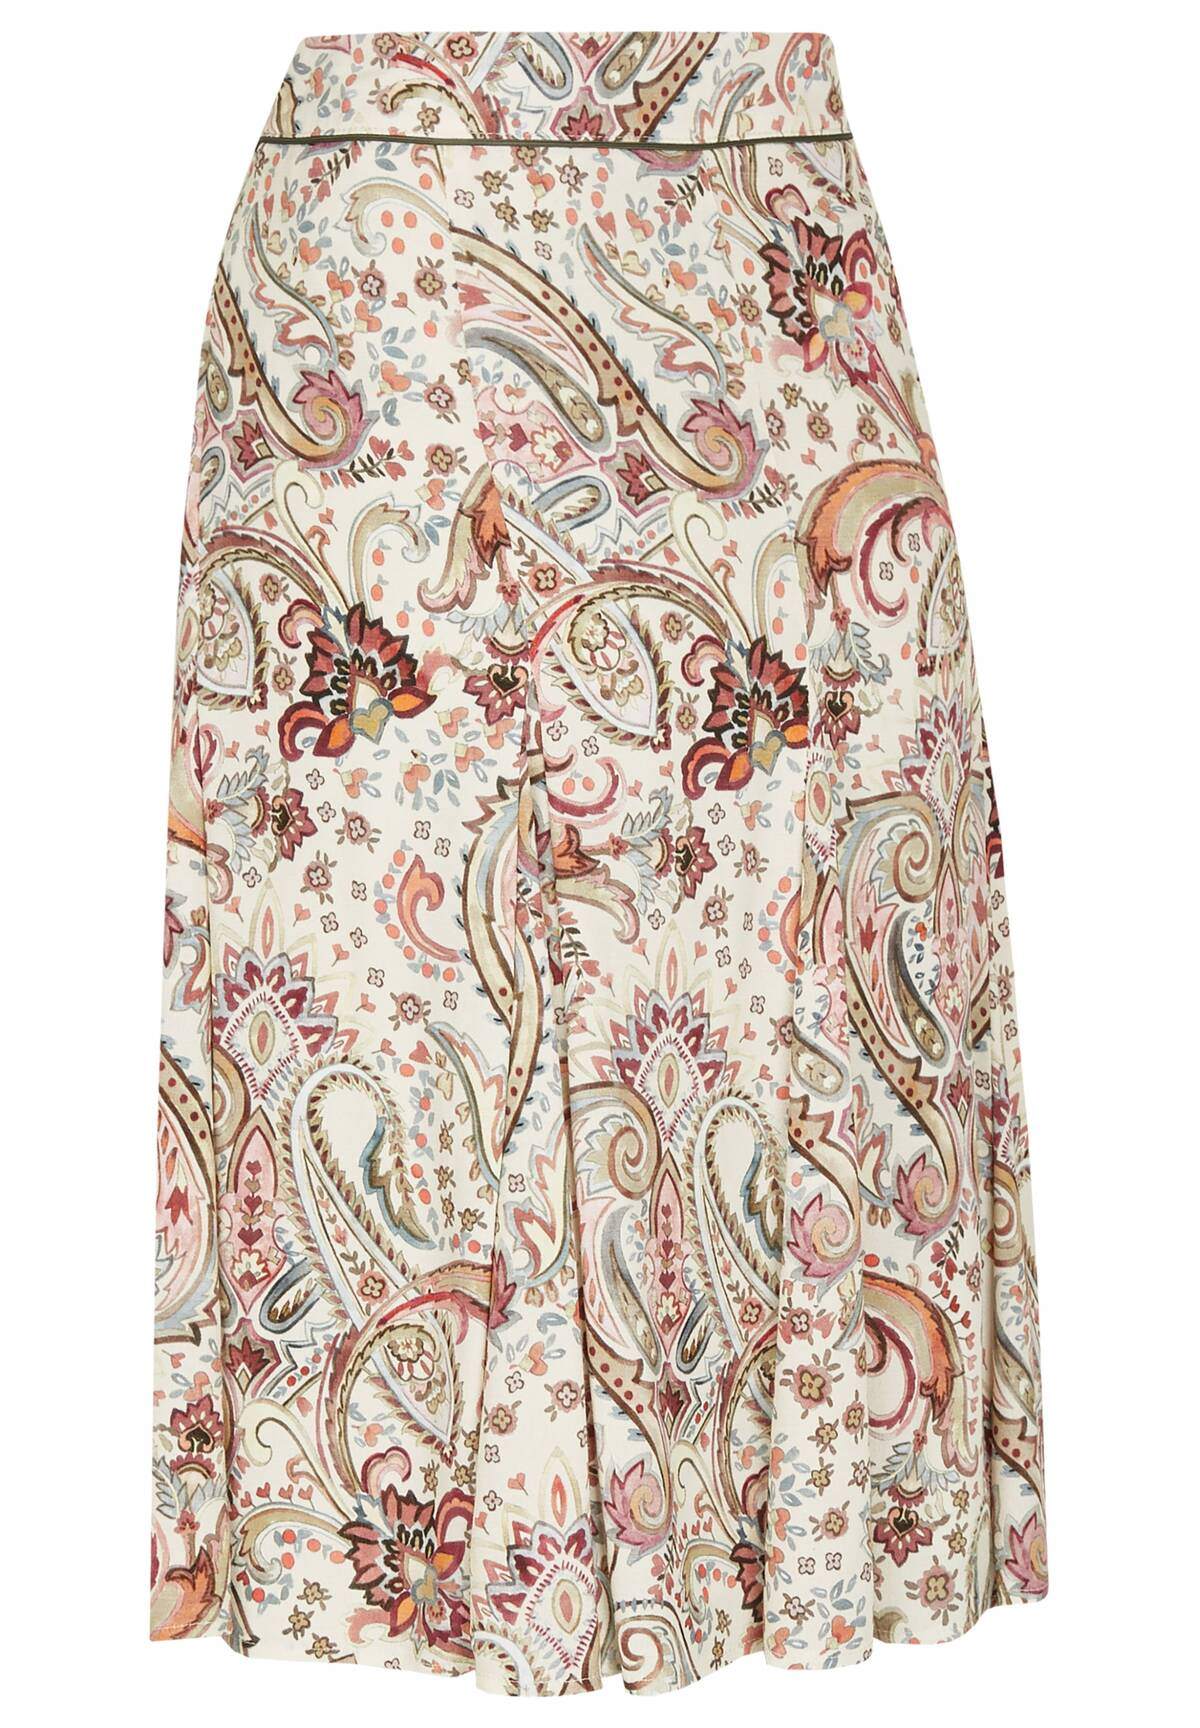 Femininer Midirock / Feminine Skirt